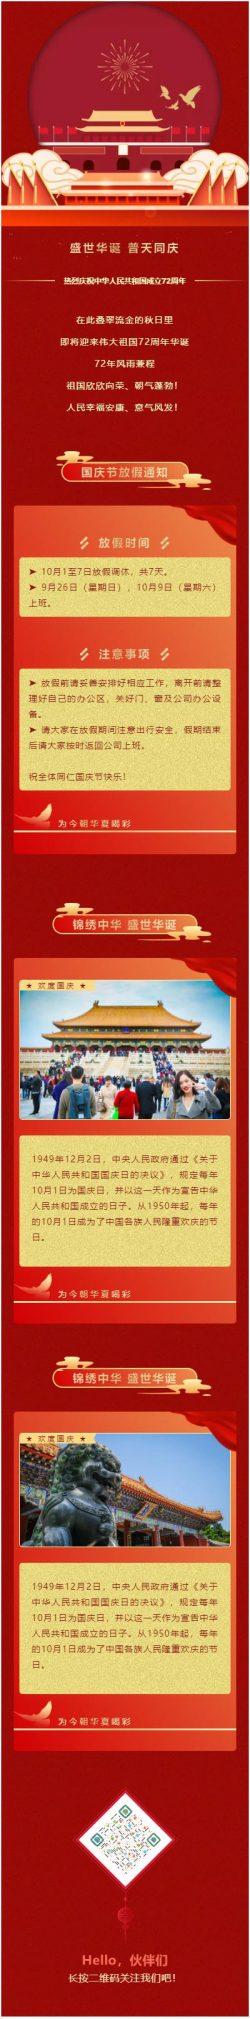 中华人民共和国成立72周年微信公众号推文模板订阅号国庆节素材推文资料